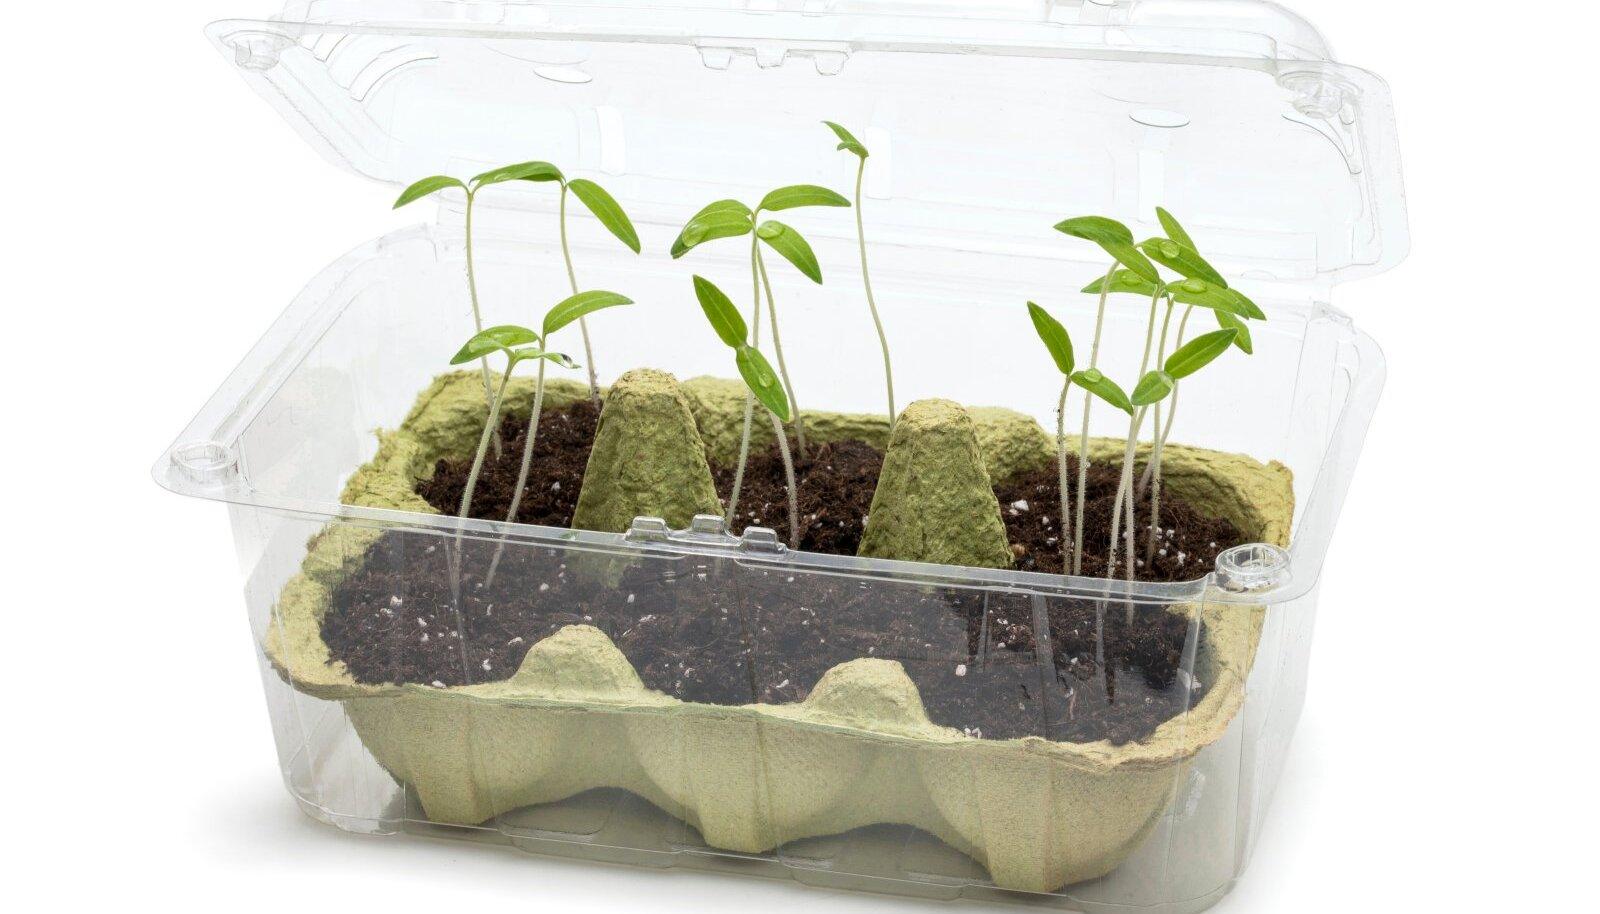 Tavalisest tomati- või seenekarbist saab toreda minikasvuhoone.